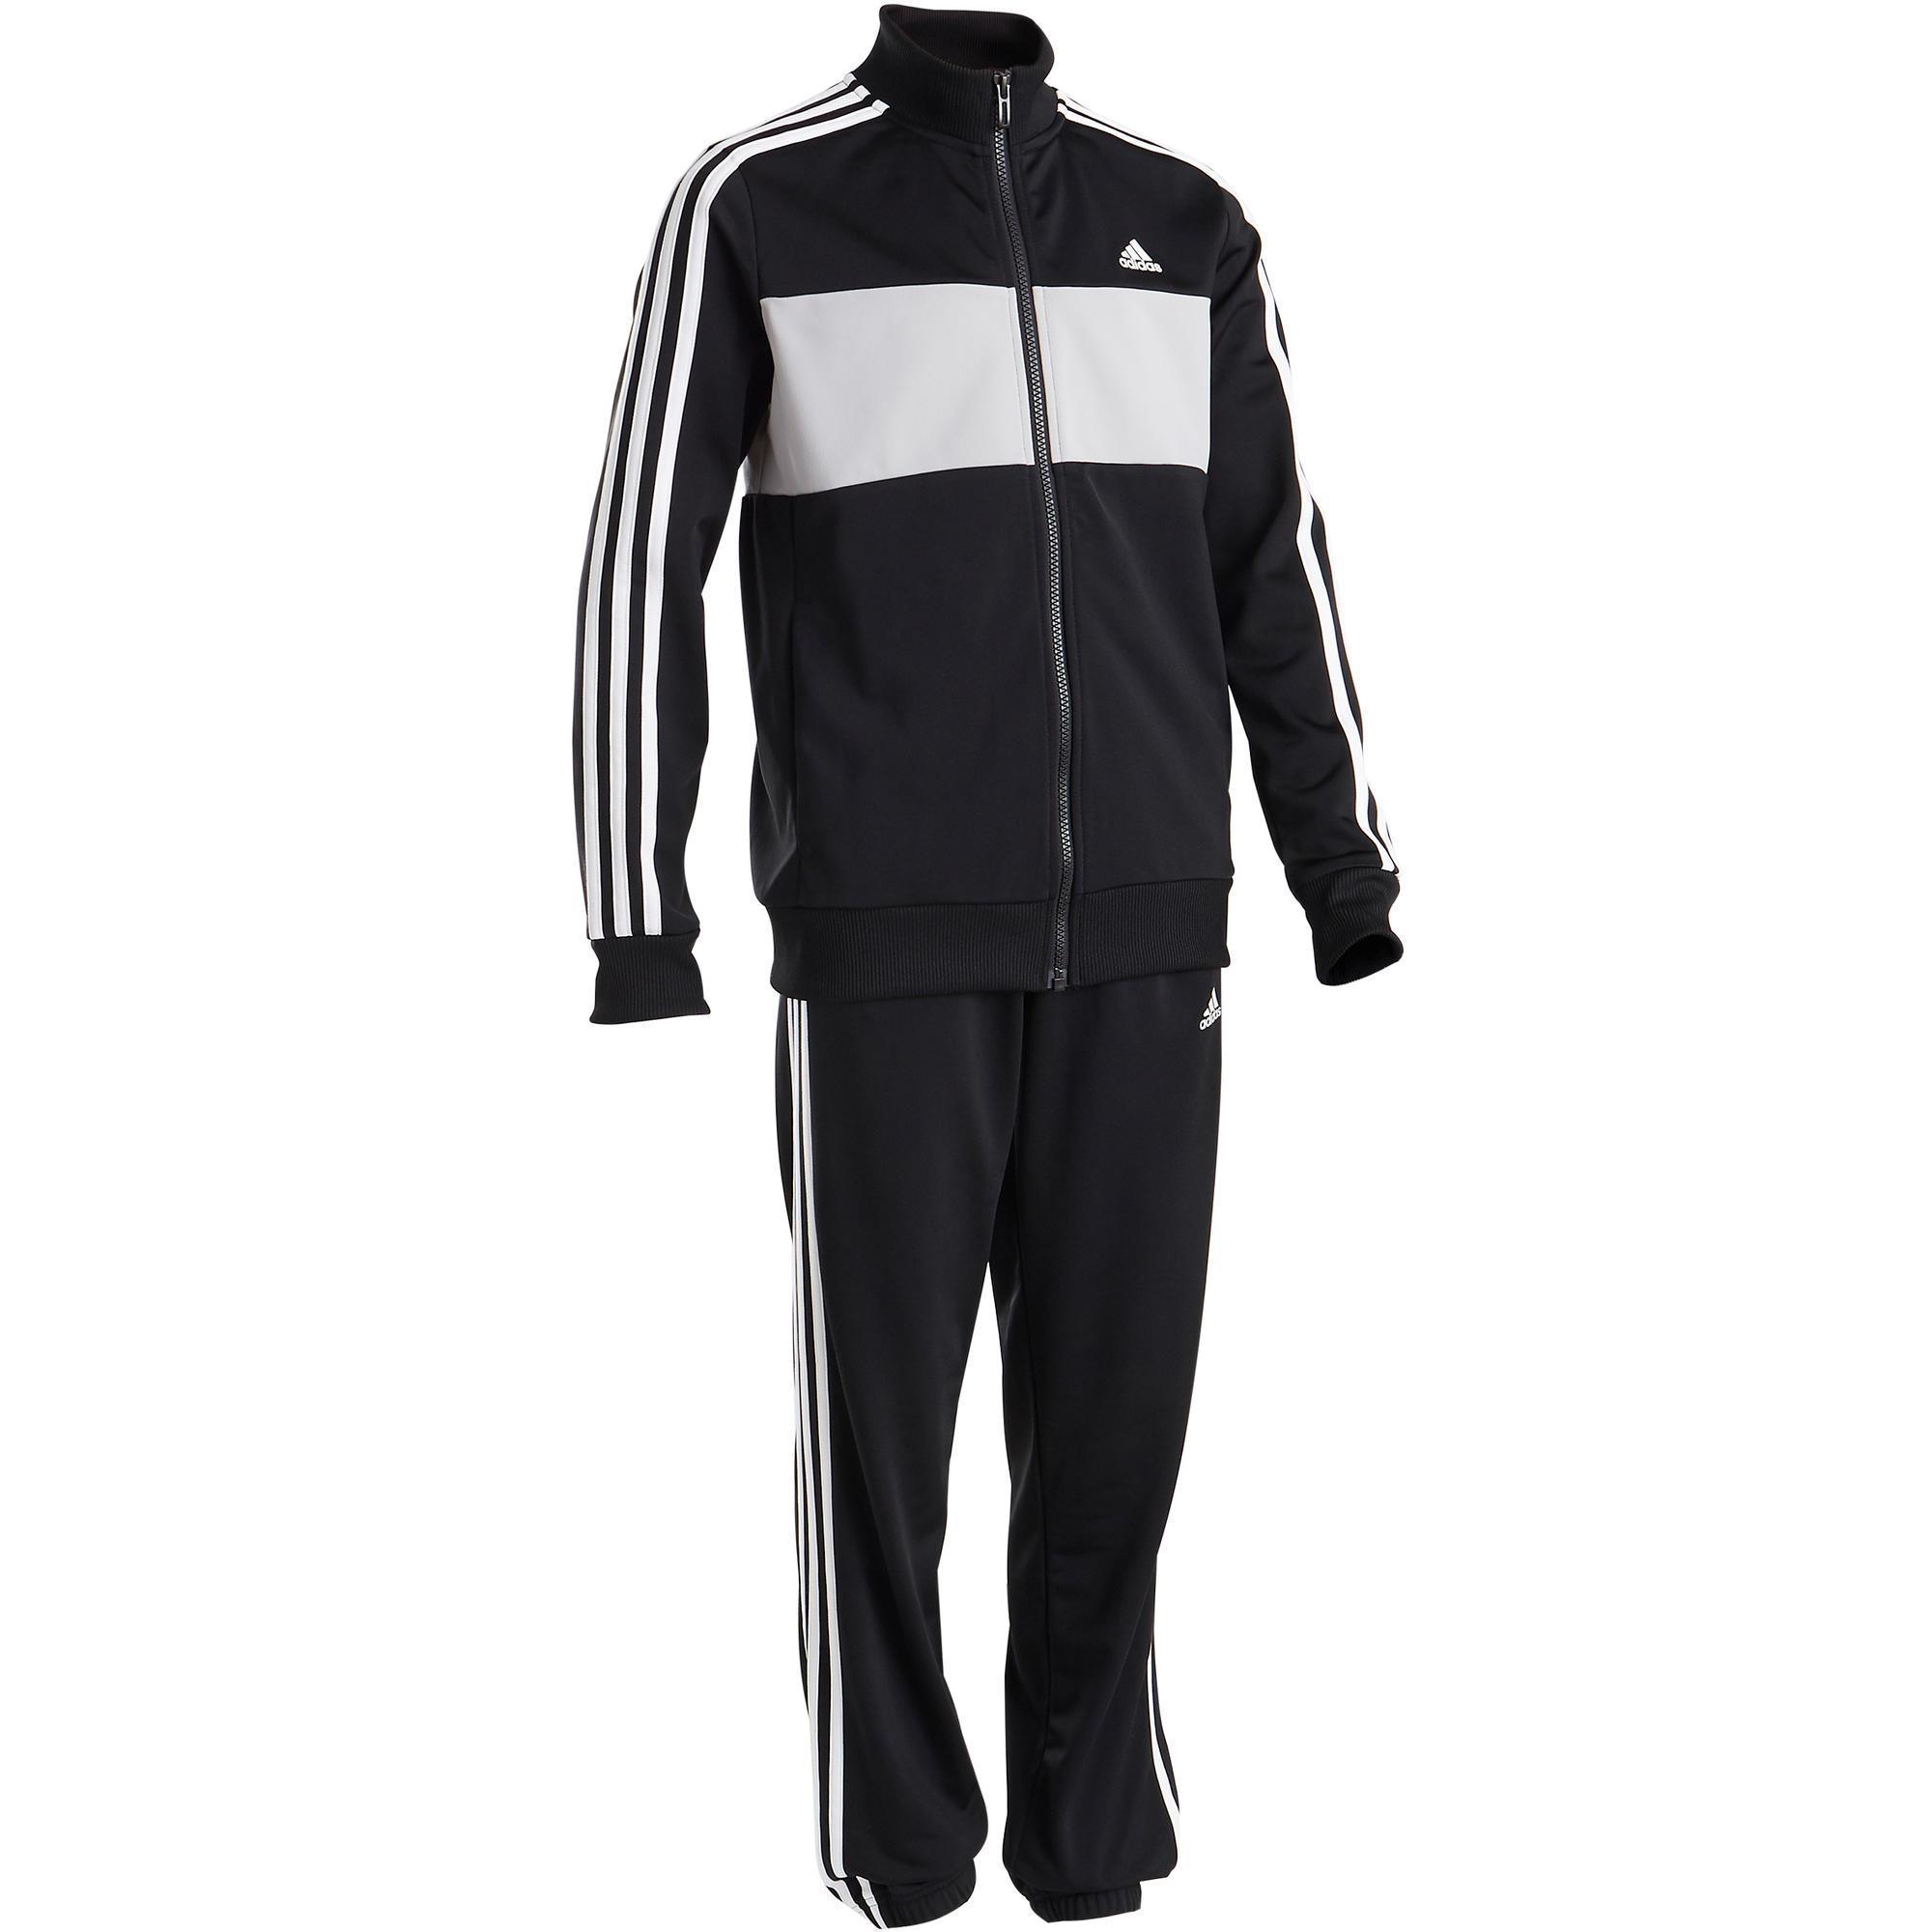 Jungen,  Kinder,  Kinder Adidas Trainingsanzug Logo auf der Brust Kinder schwarz   04060515000007